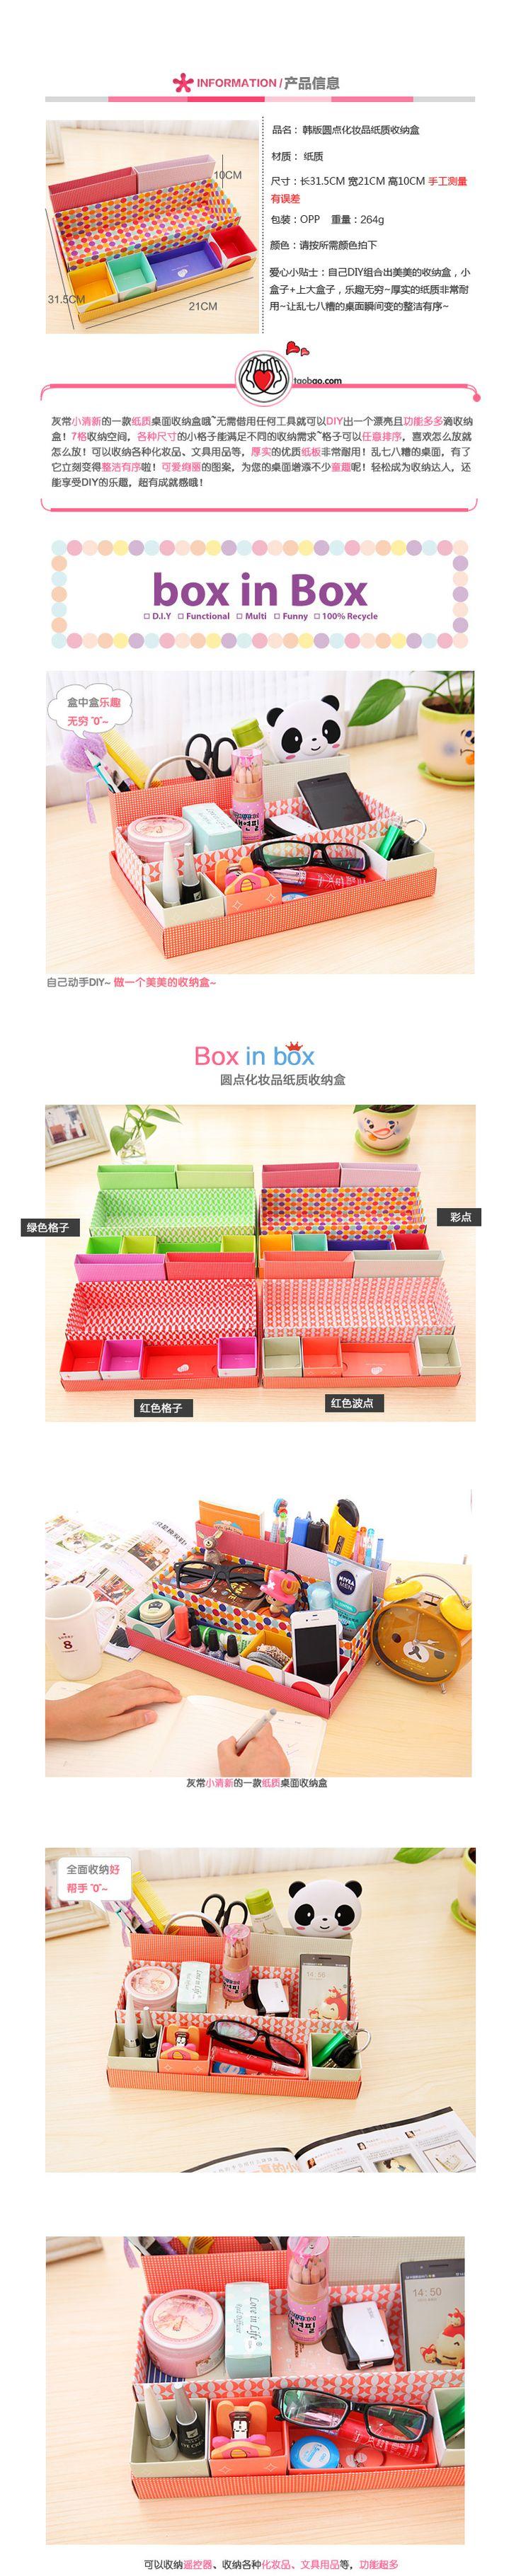 Oltre 25 fantastiche idee su scatole di carta su pinterest for Stelle di carta tridimensionali